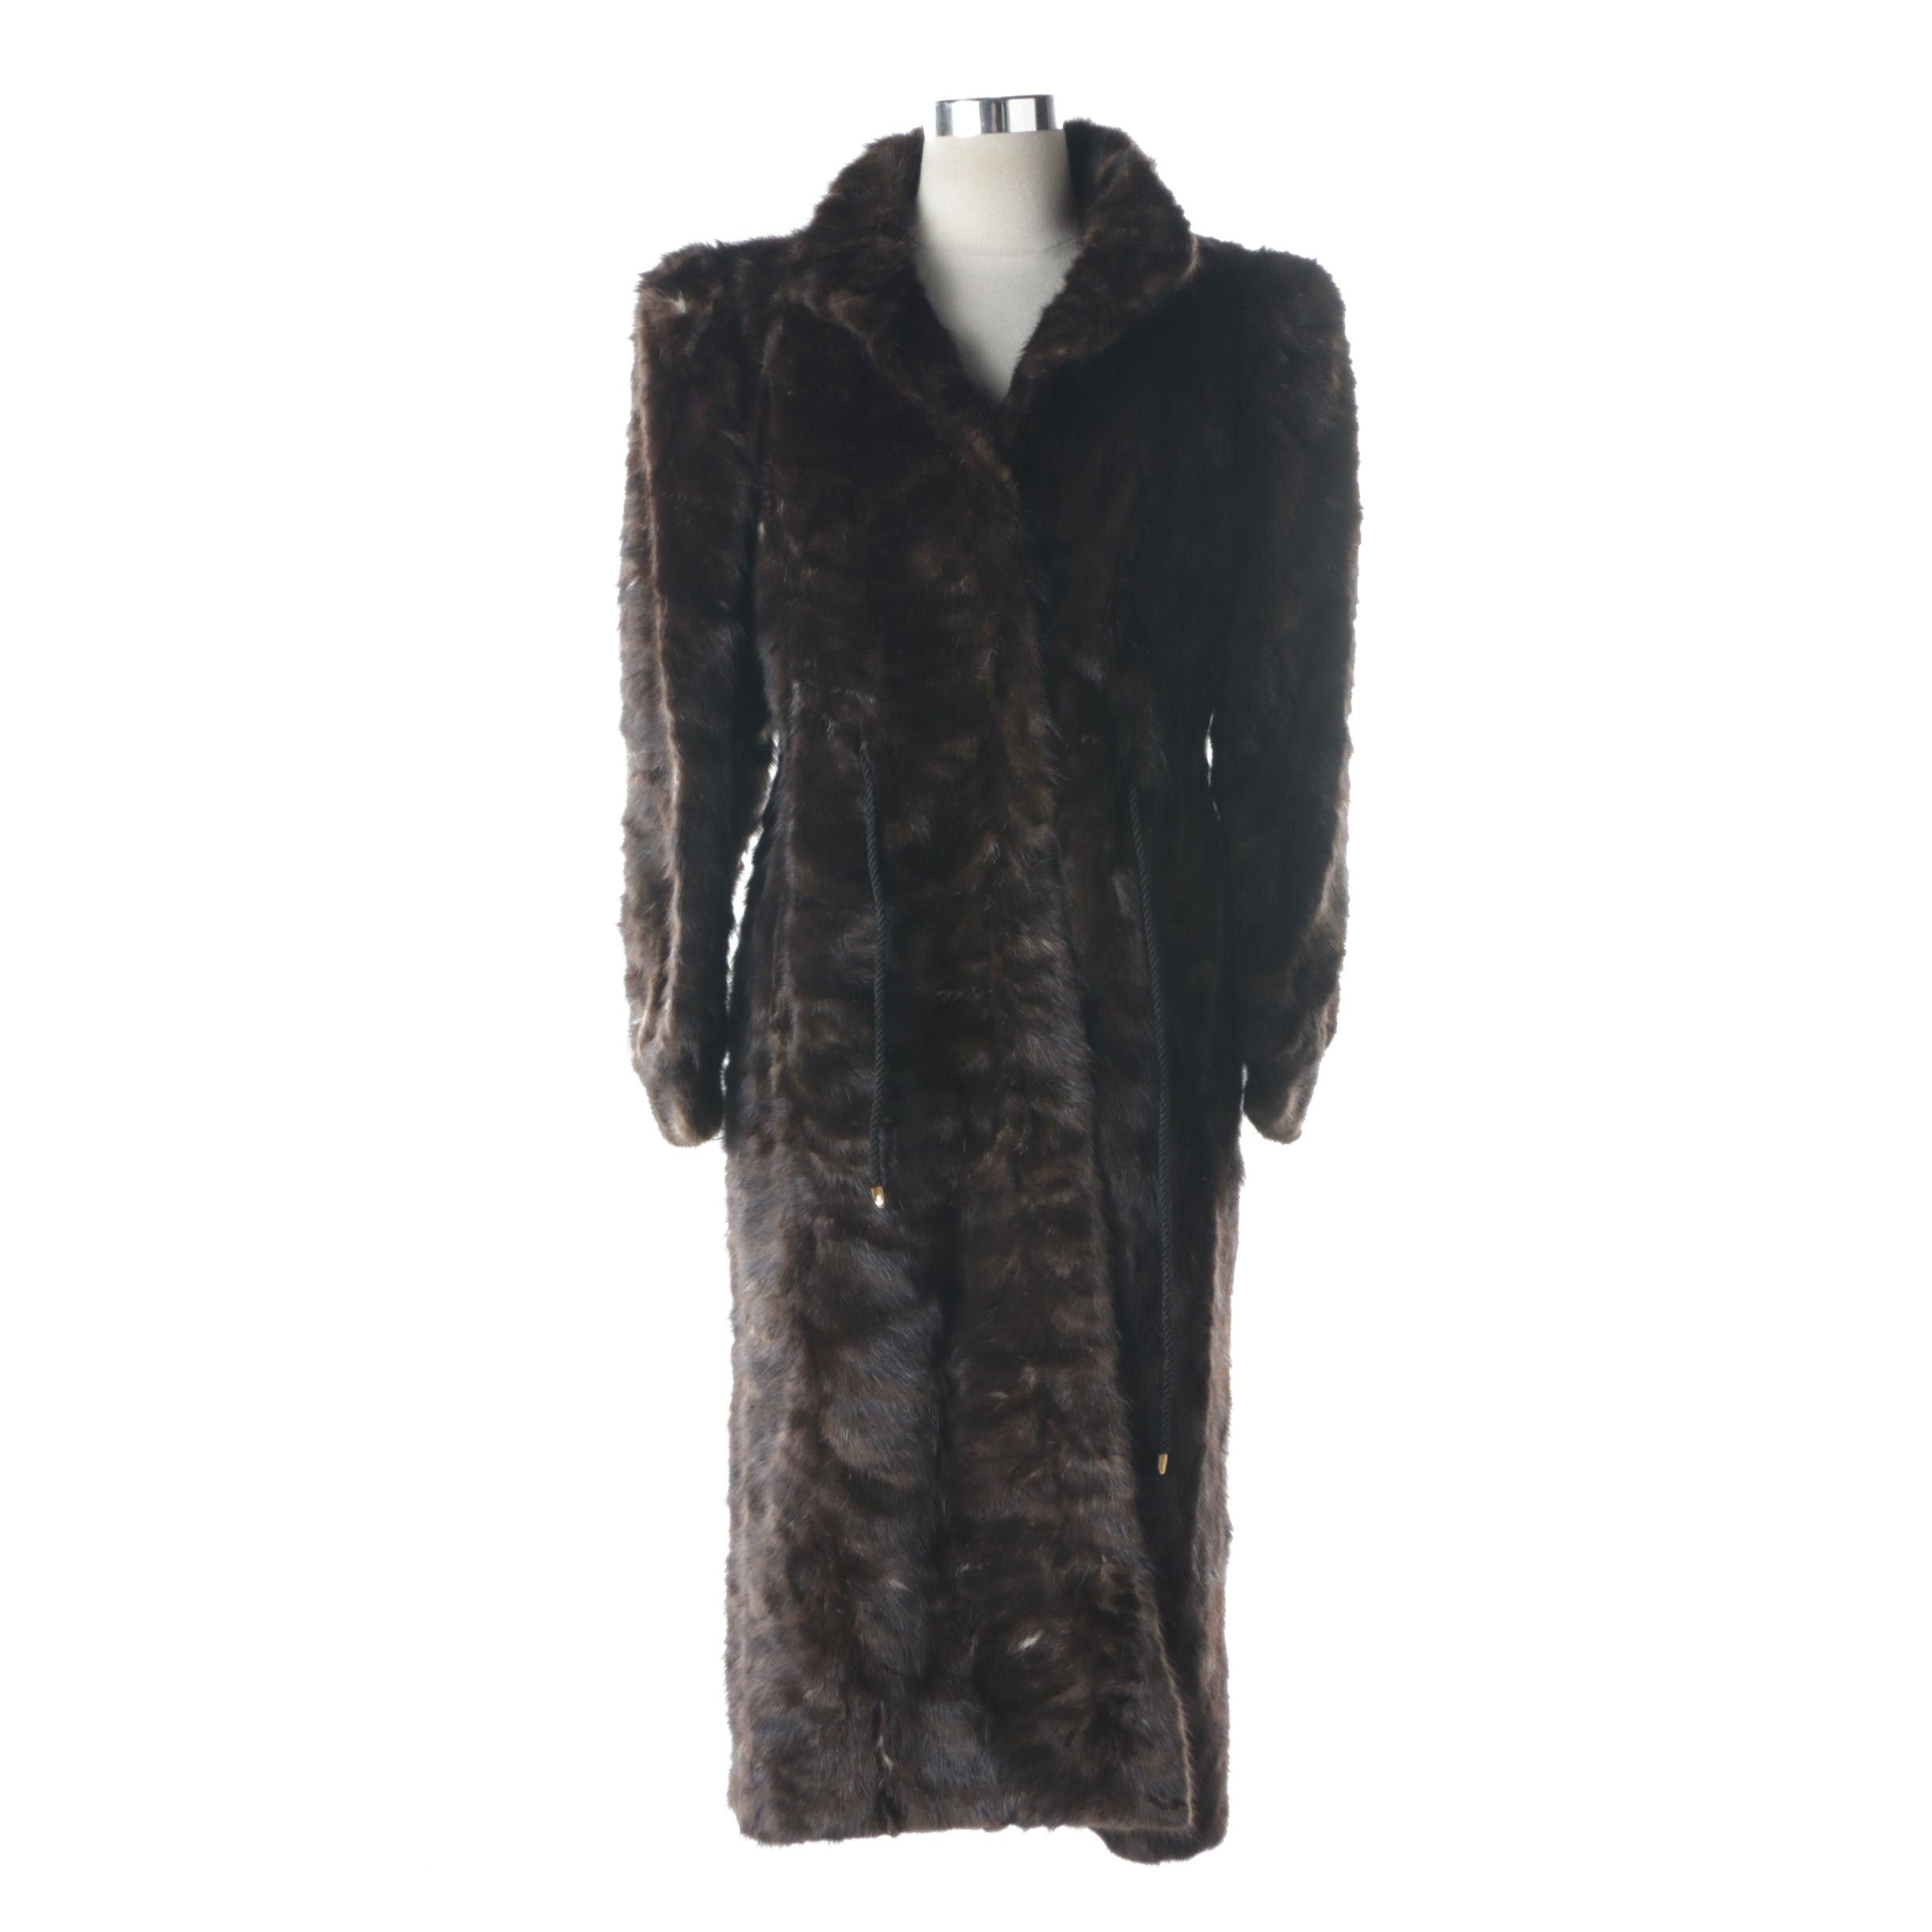 Vintage Hallmark Furs Mink Paw Fur Coat